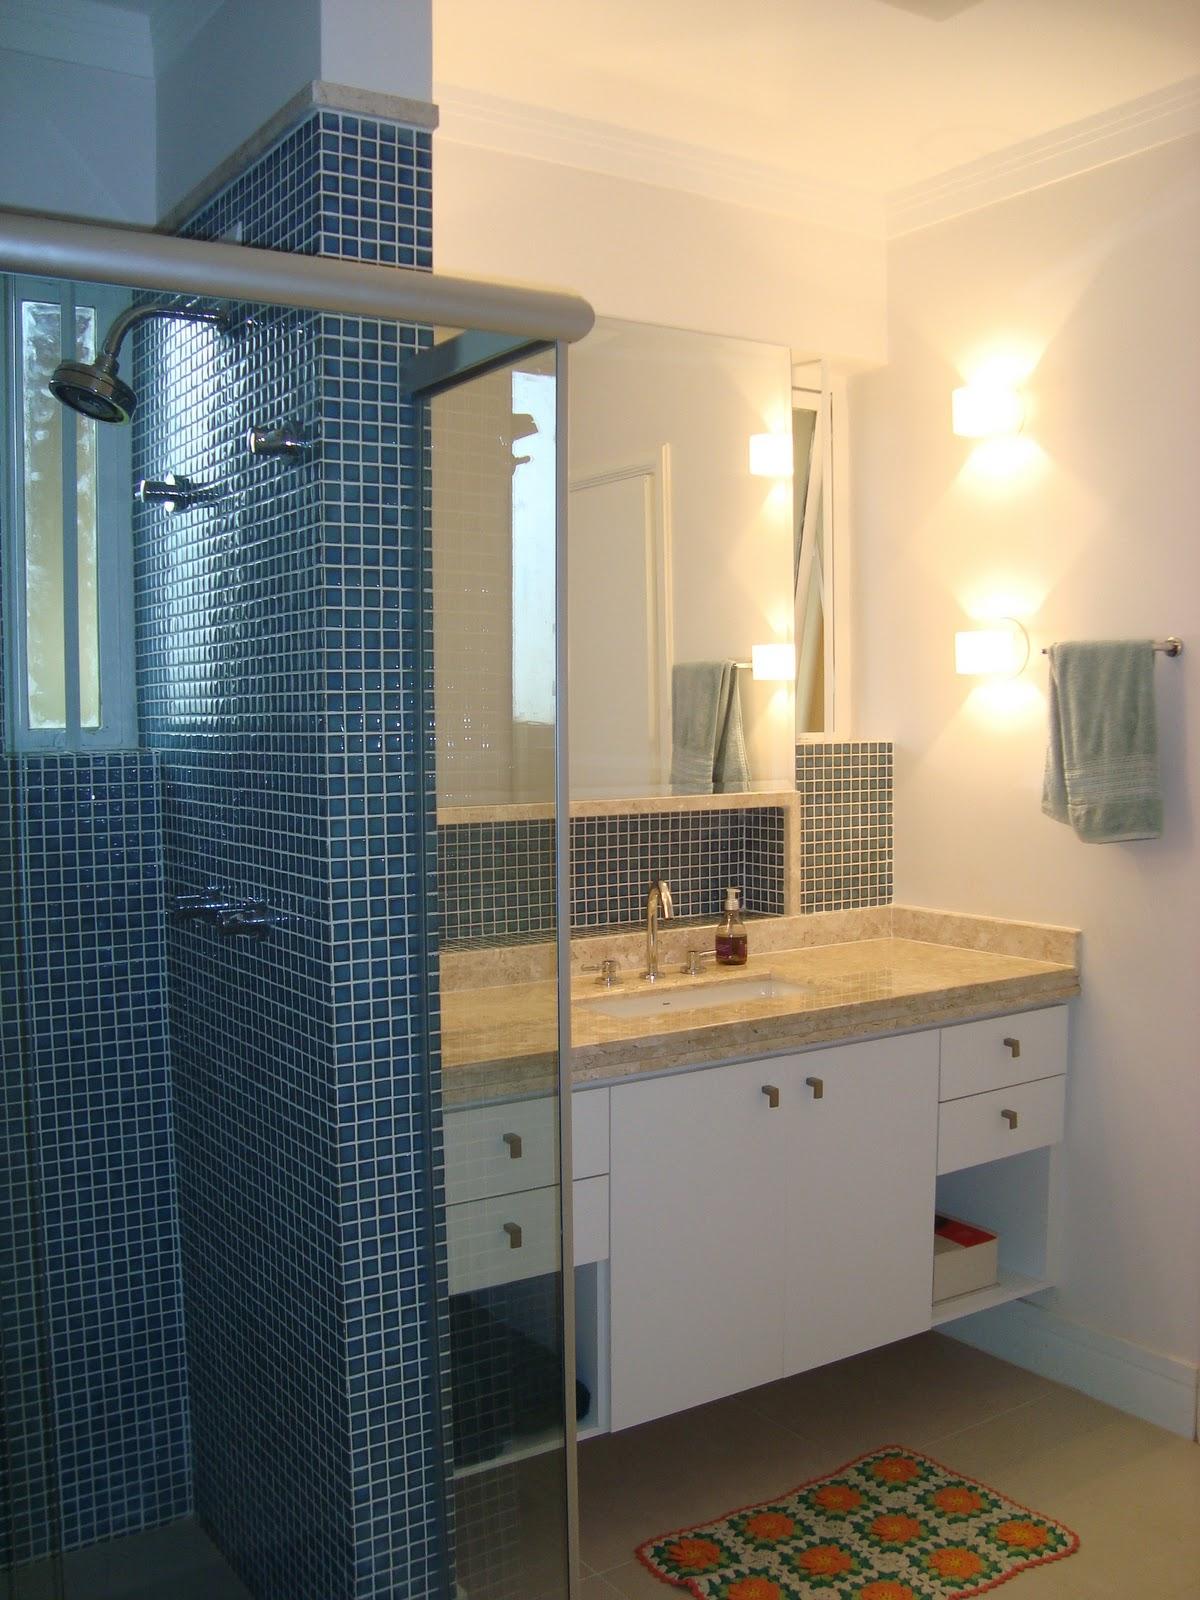 Atrio Arquitetura e Paisagem: Janeiro 2012 #AC791F 1200 1600